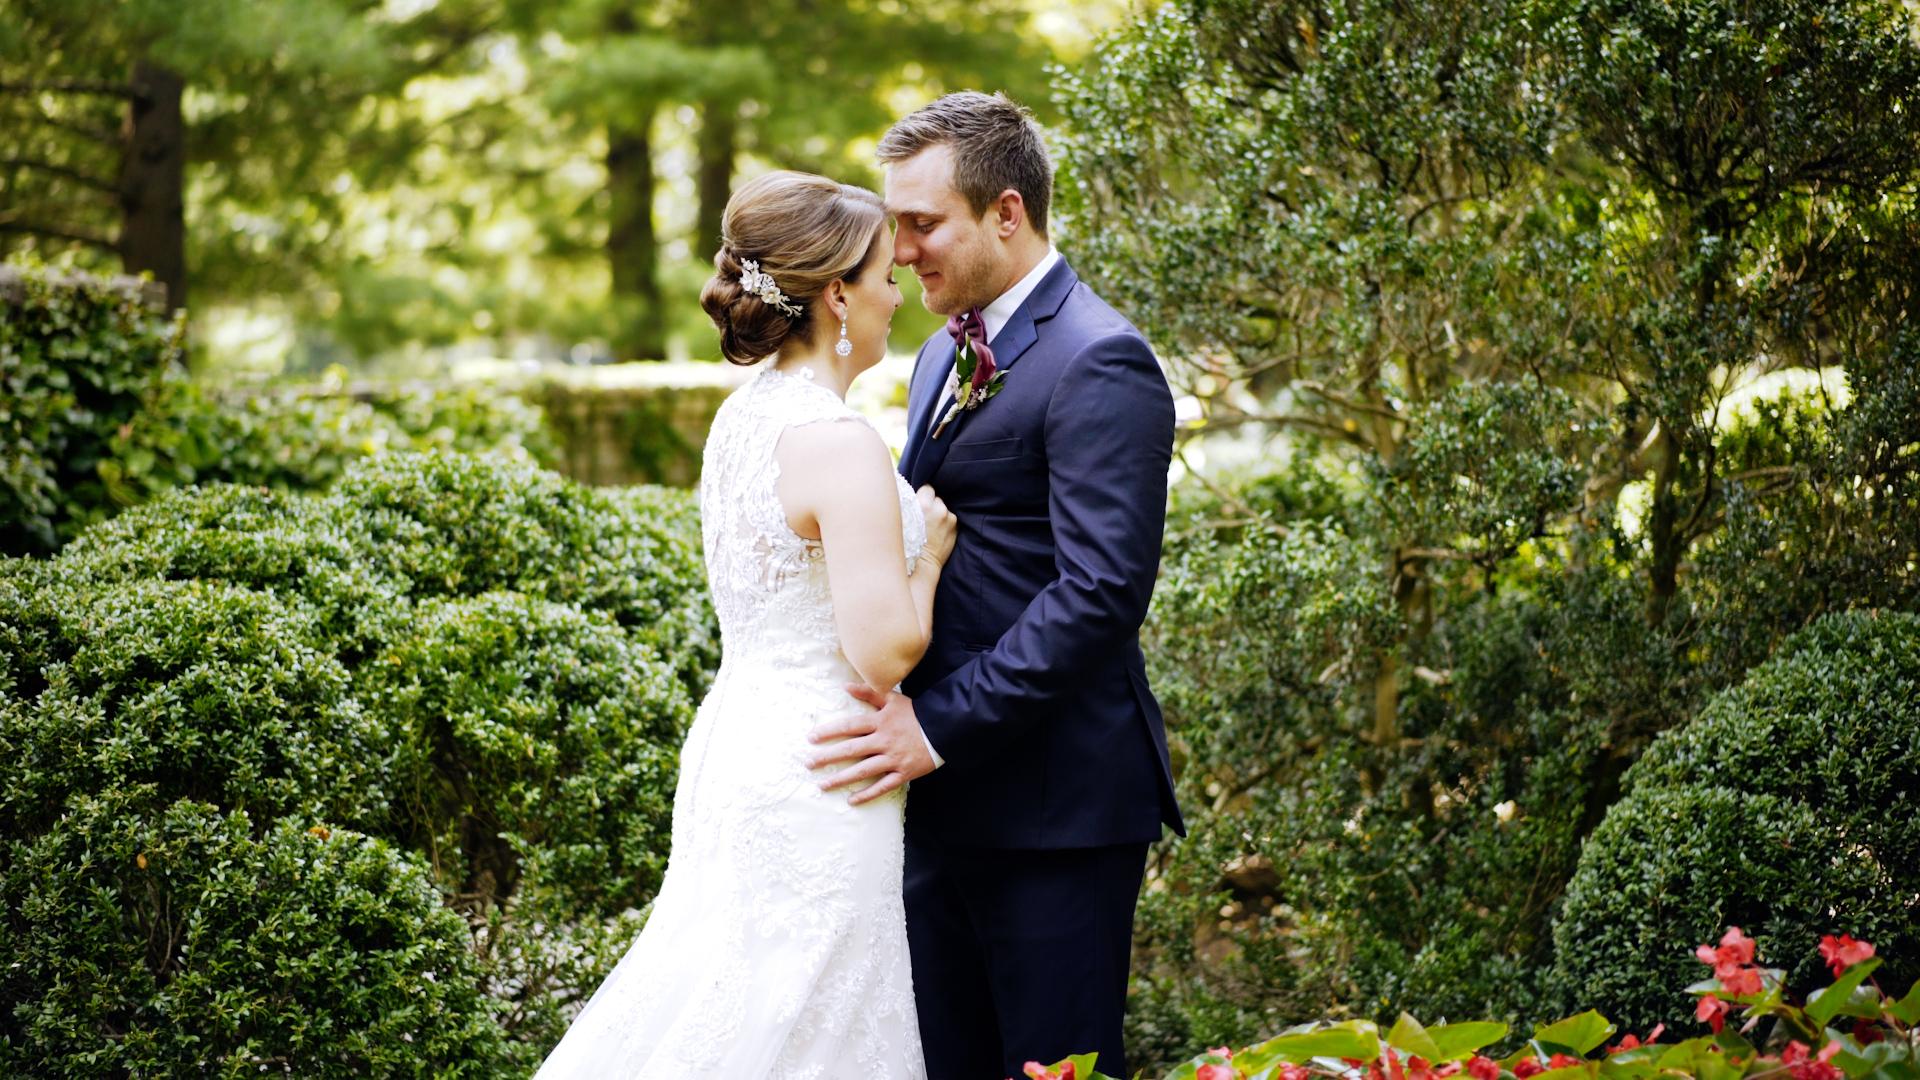 Luley Wedding Film.00_01_47_08.Still004.jpg